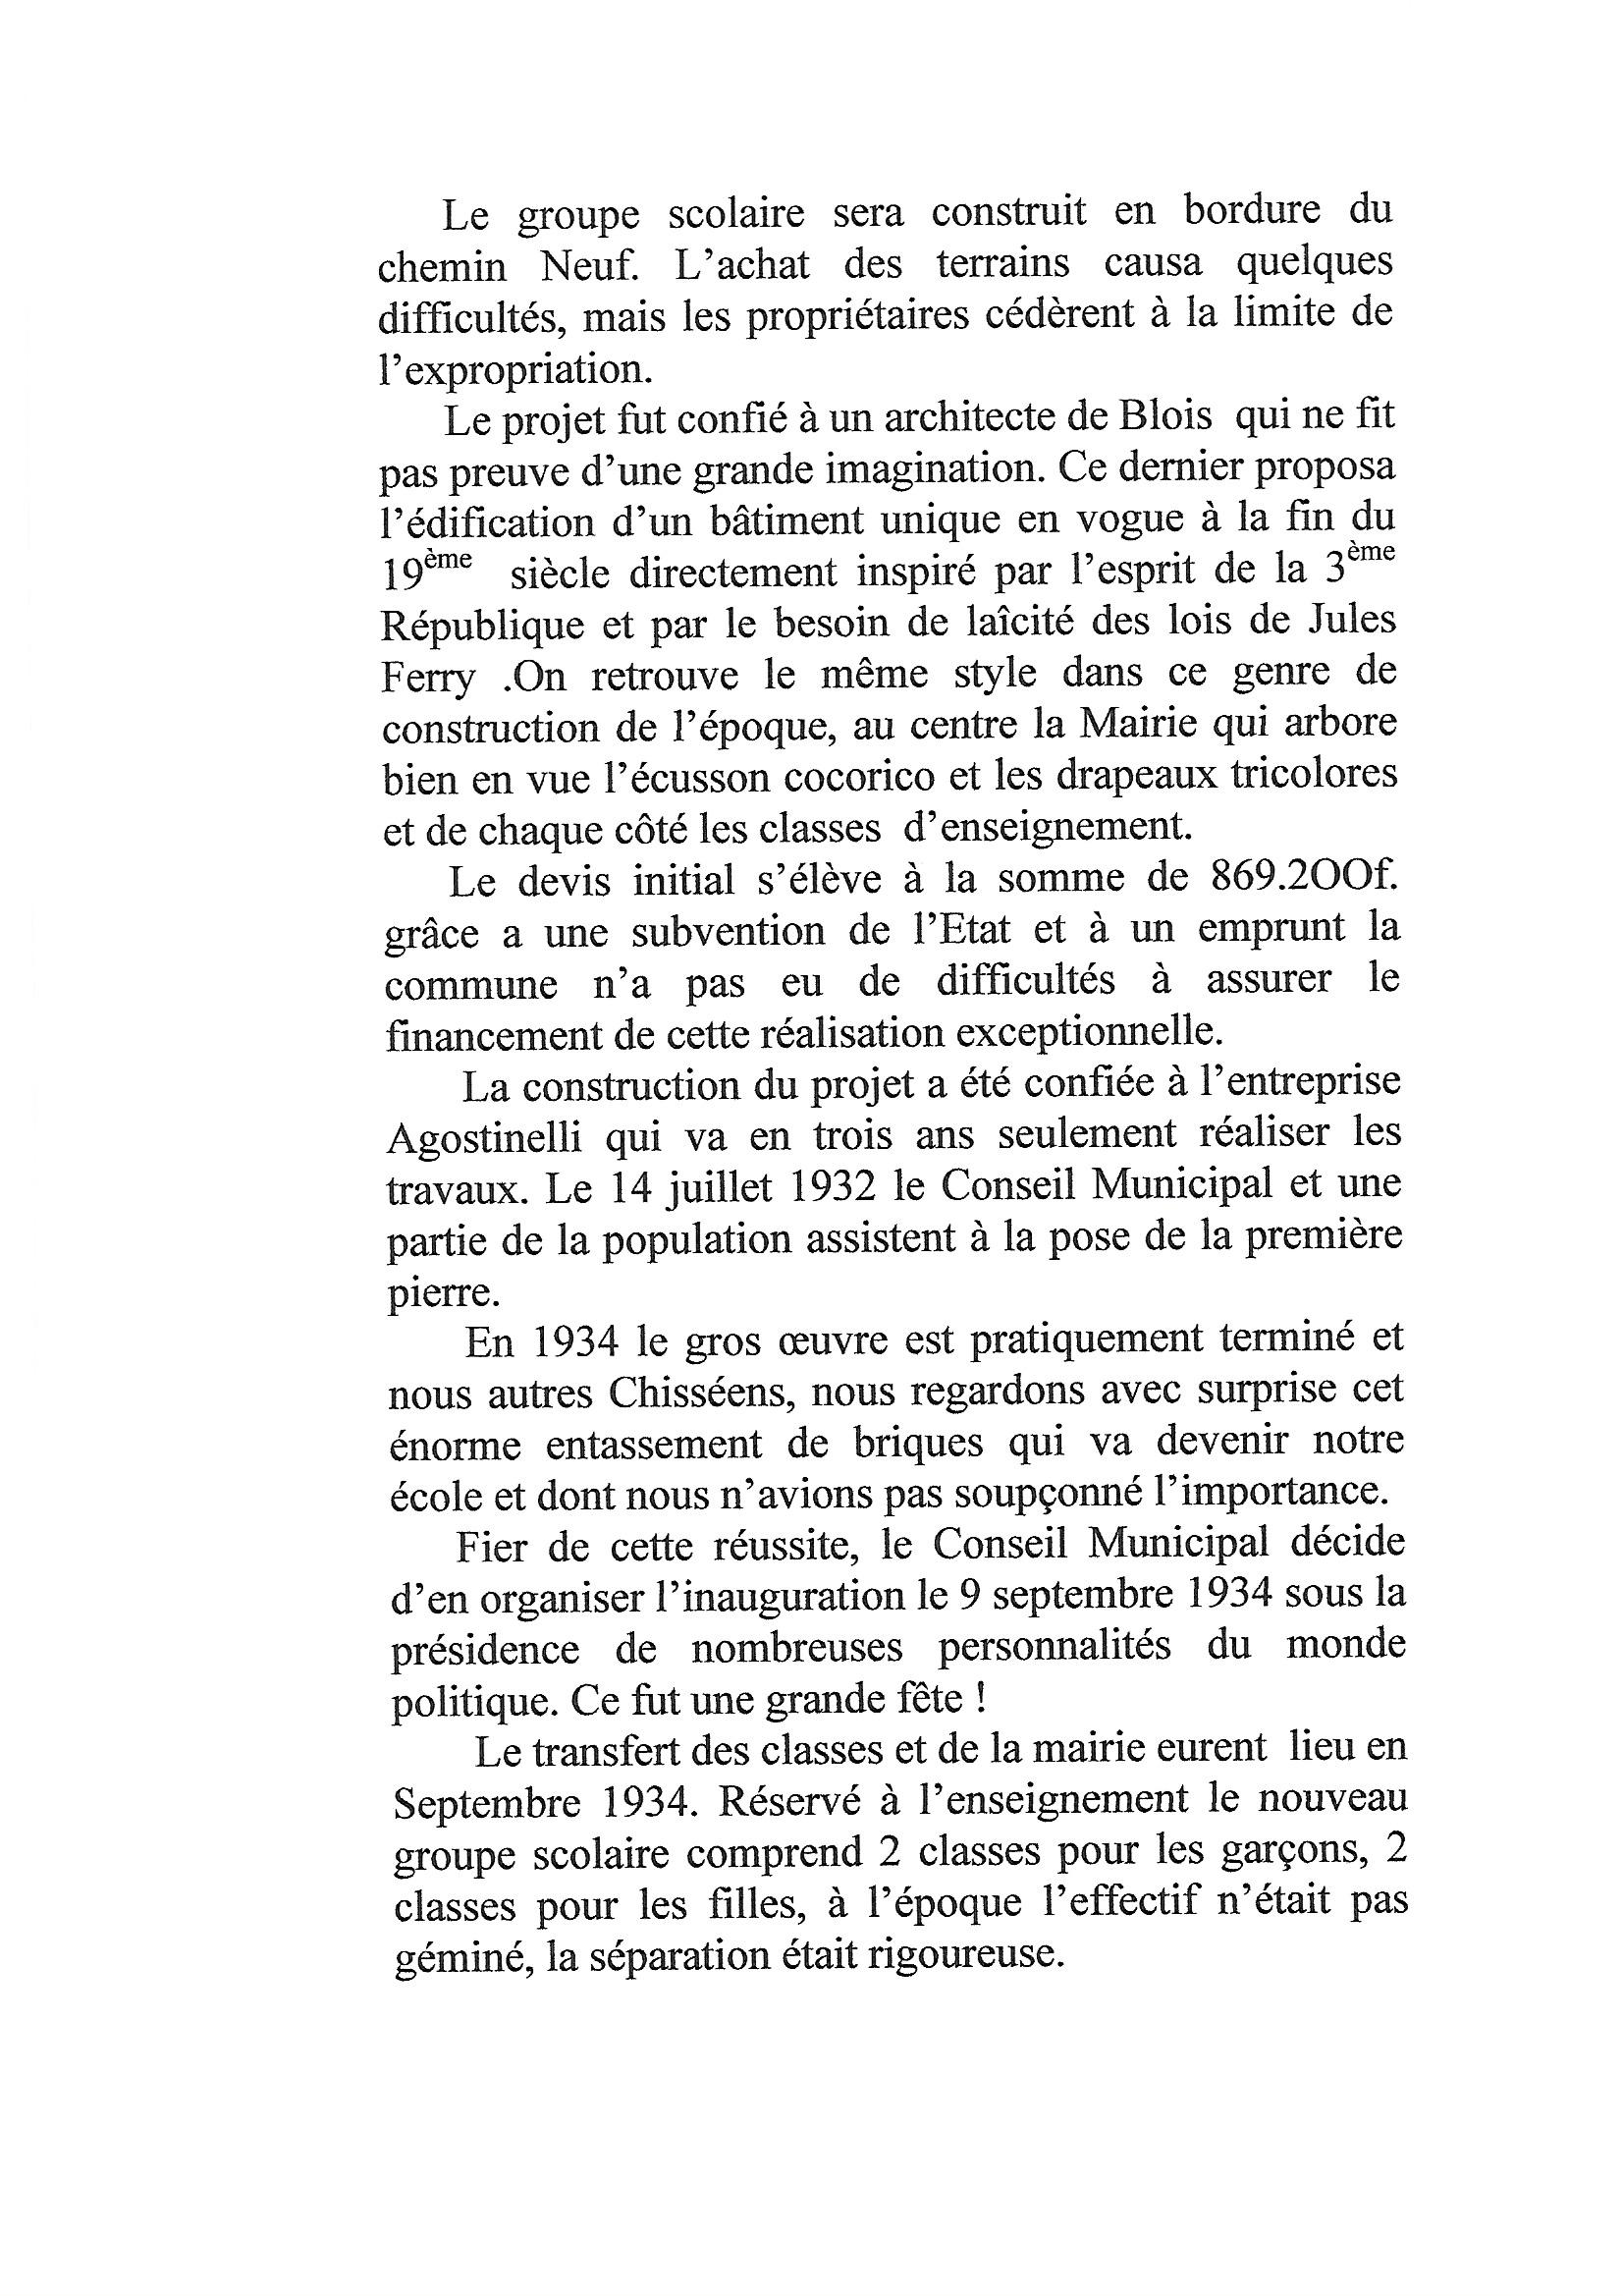 Groupe scolaire de Chissay page 3 - image/jpeg